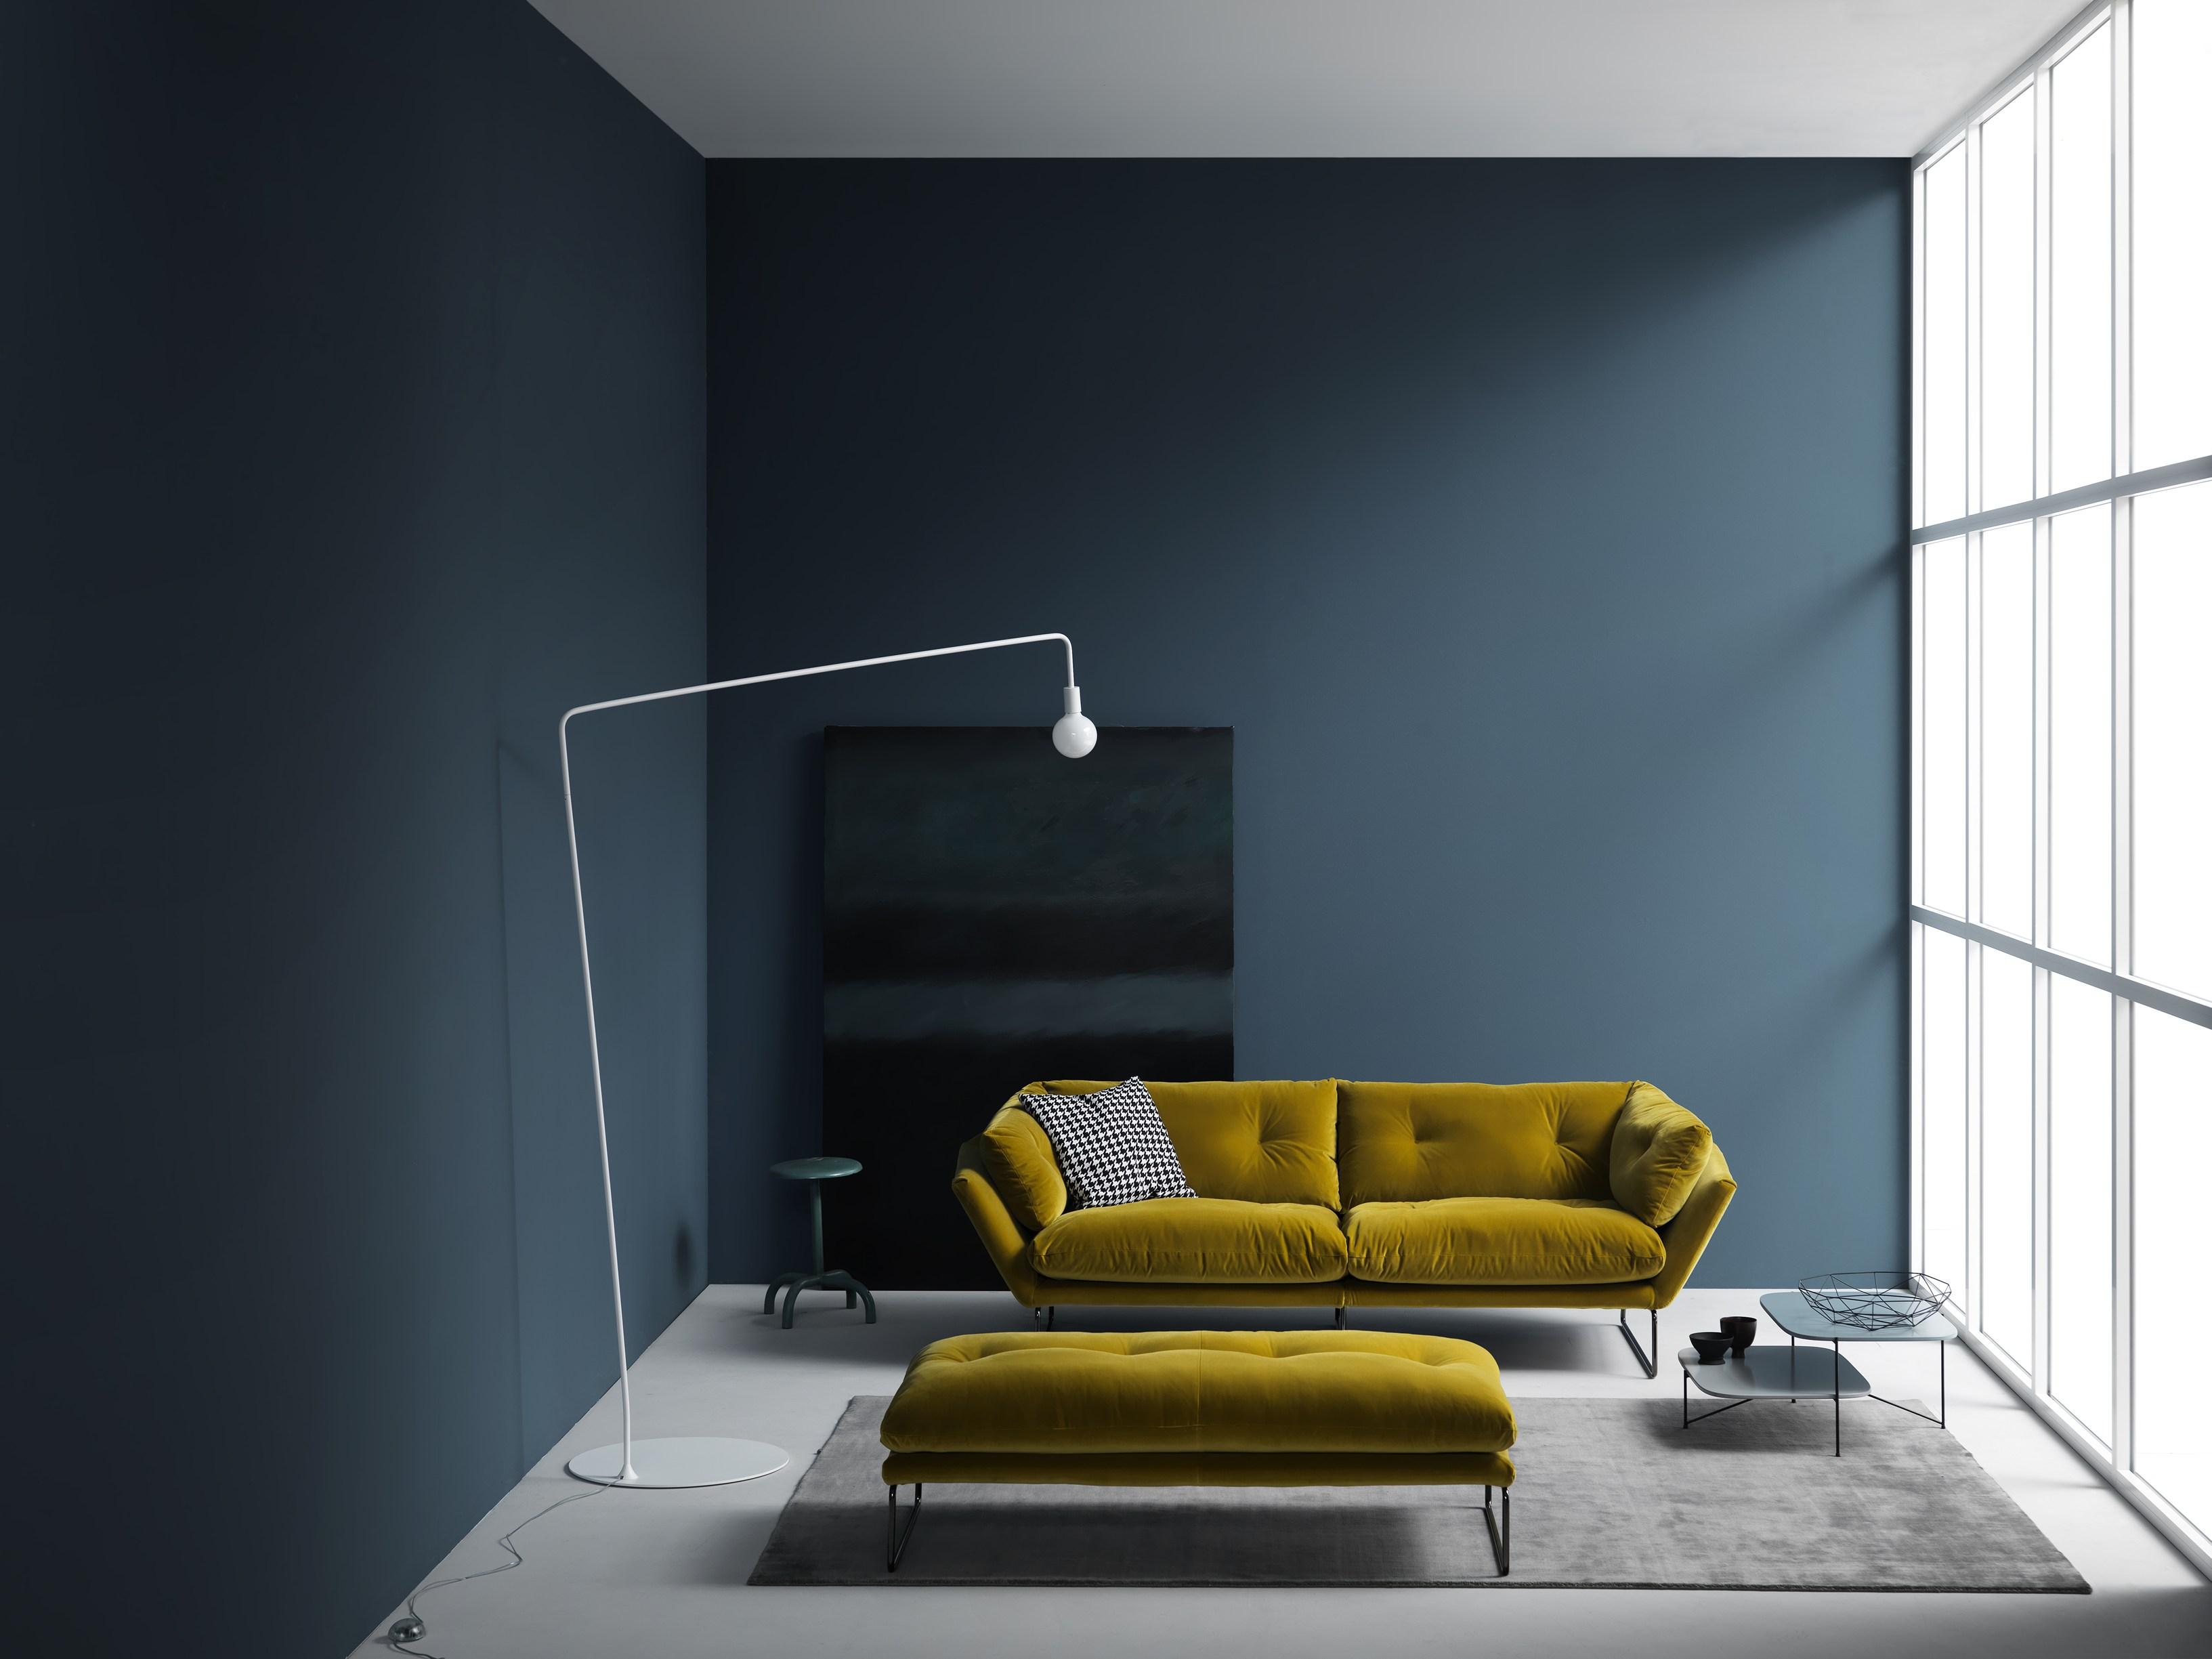 new york suite sofa saba italia 189158 rel92976409